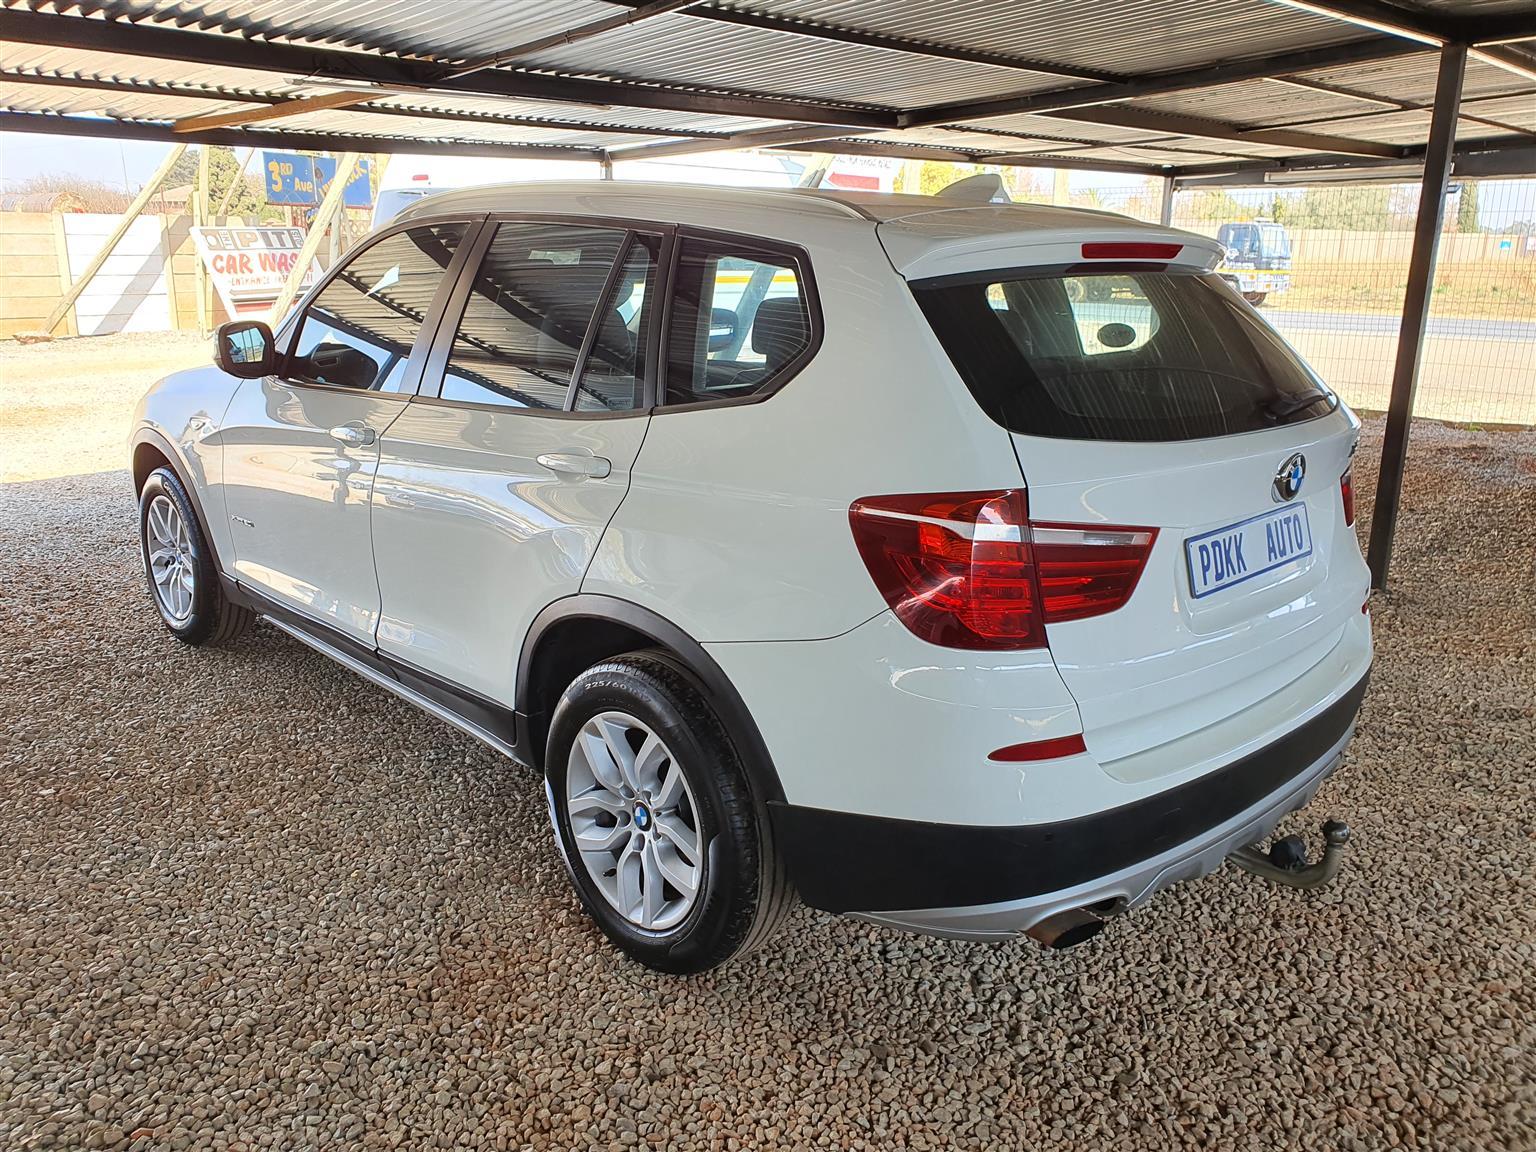 2012 BMW X3 X-Drive 2.0 Twin Turbo Powered 4x4